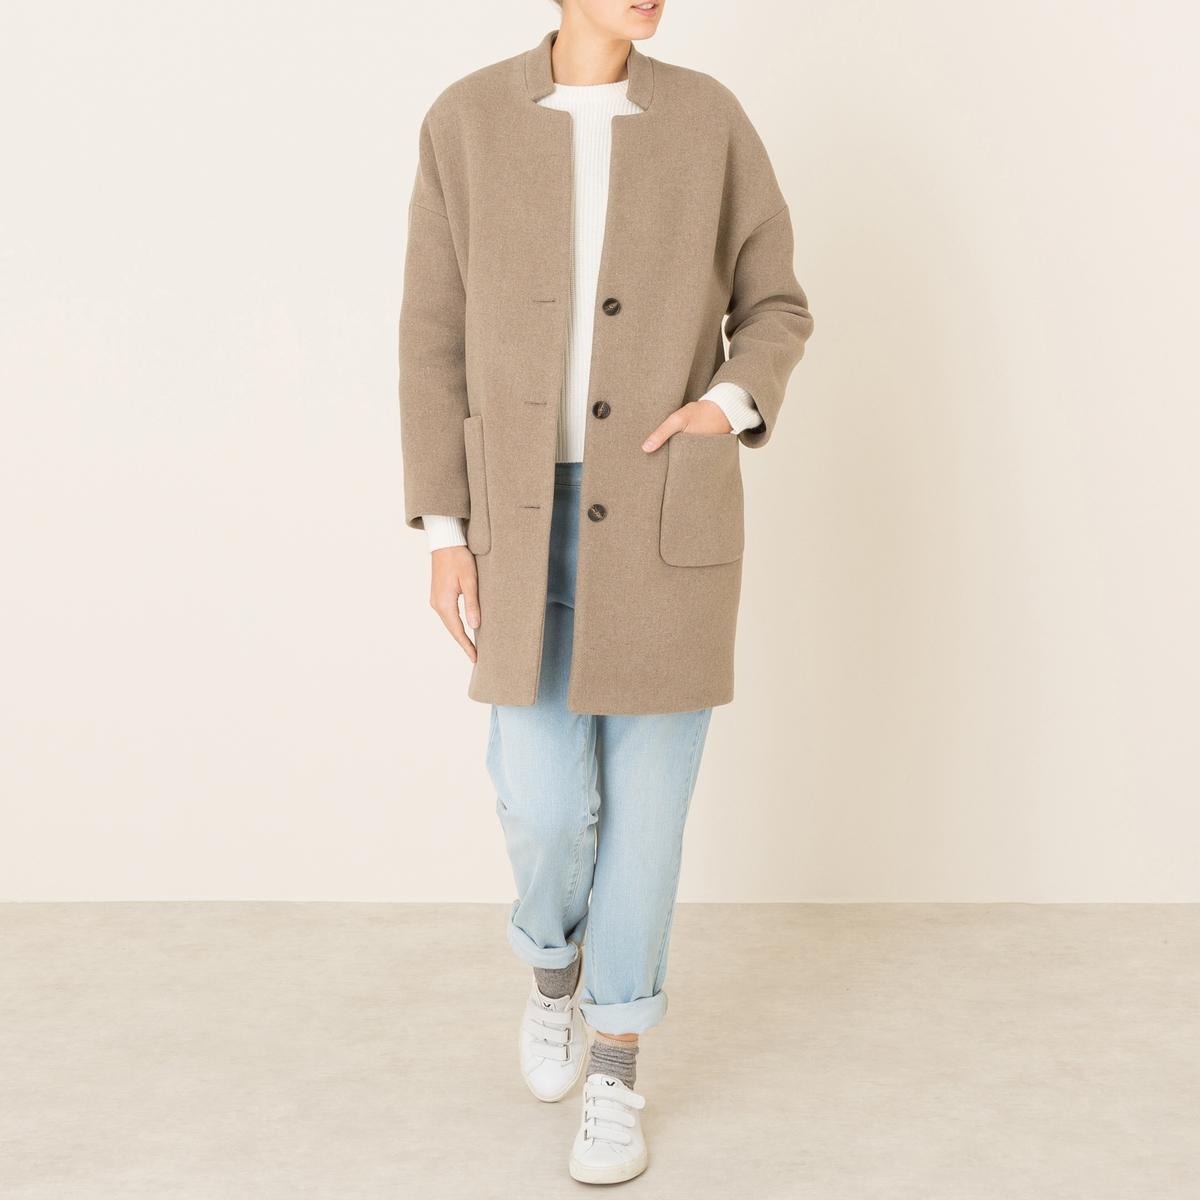 Пальто VOLGAПальто HARRIS WILSON - модель VOLGA. Пальто из итальянской ткани. Воротник-стойка. Приспущенные проймы. Застежка на 3 пуговицы. 2 больших накладных кармана. Подкладка с рисунком.Состав и описание Материал : 80% шерсти, 20% полиамидаМарка : HARRIS WILSON<br><br>Цвет: темно-бежевый<br>Размер: L